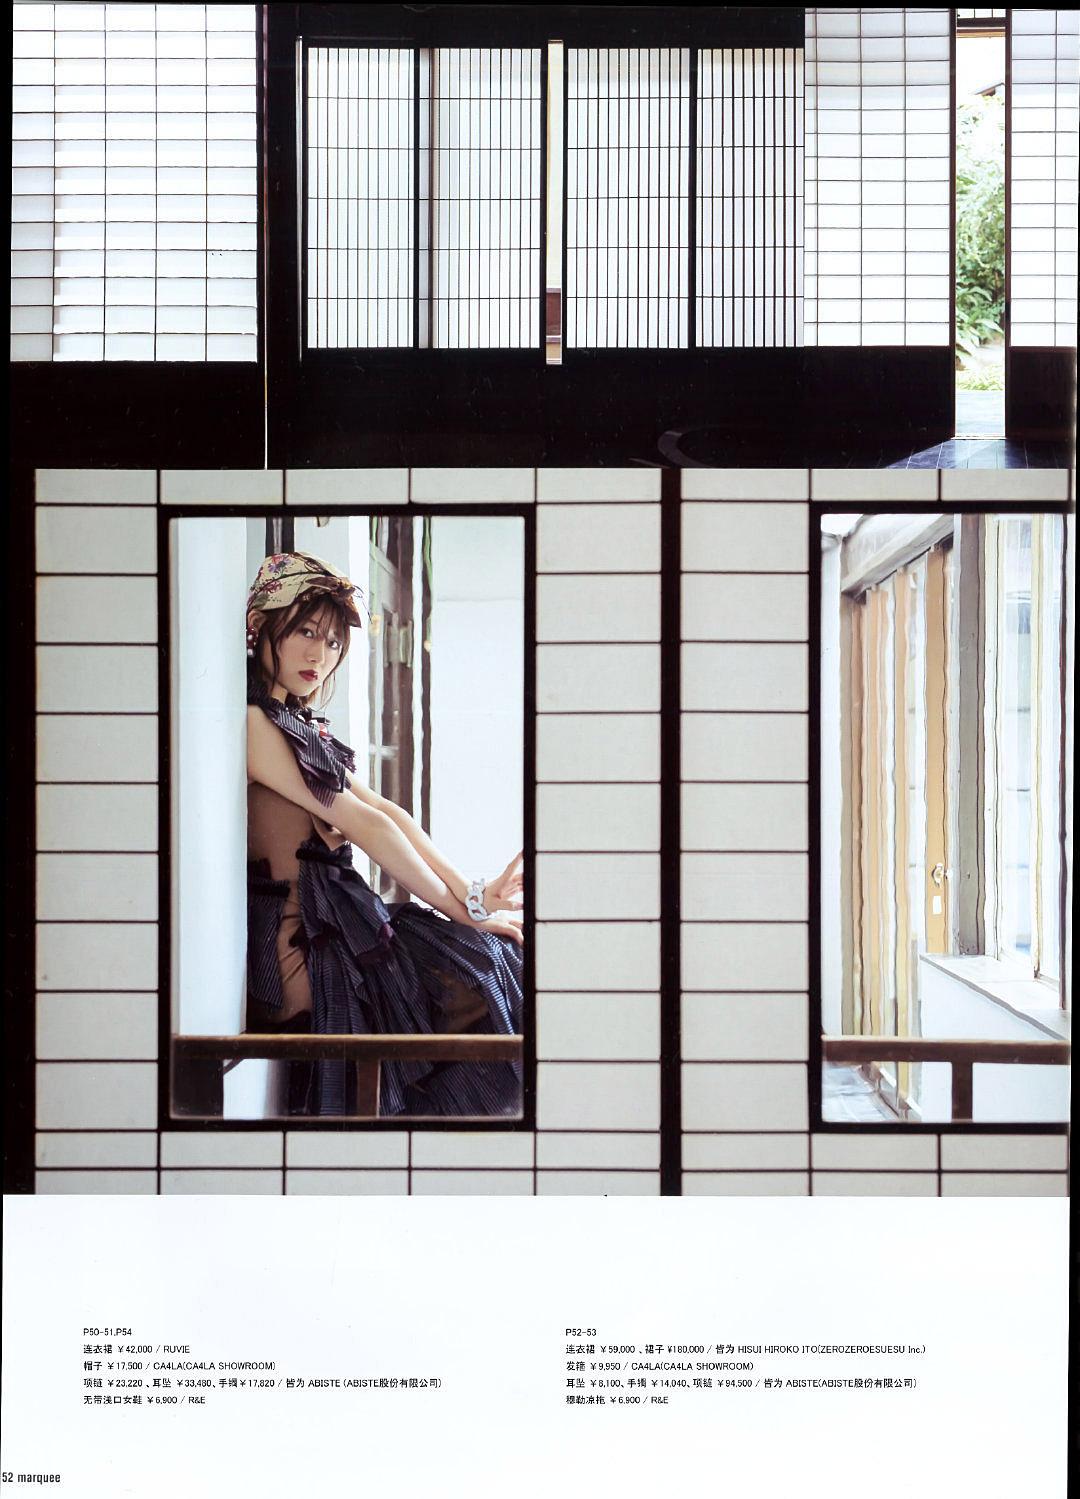 Mizuki Yamashita Marquee 132 19 03.jpg